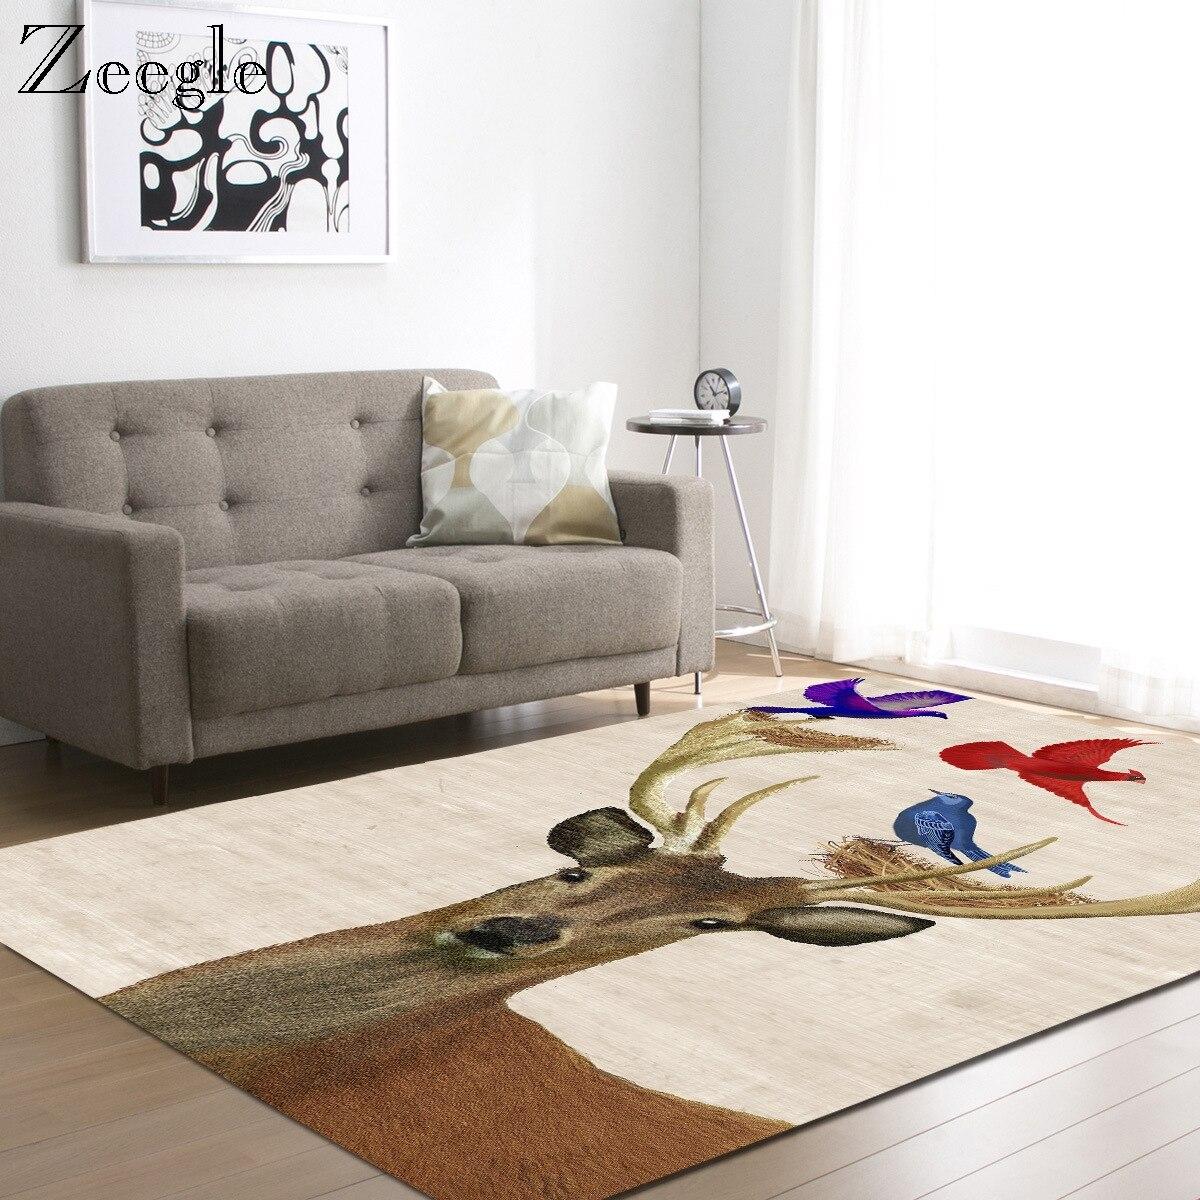 Zeegle tapis moderne pour salon salon tapis de sol dessin animé intérieur grande taille enfants chambre tapis 3D imprimé tapis lavable